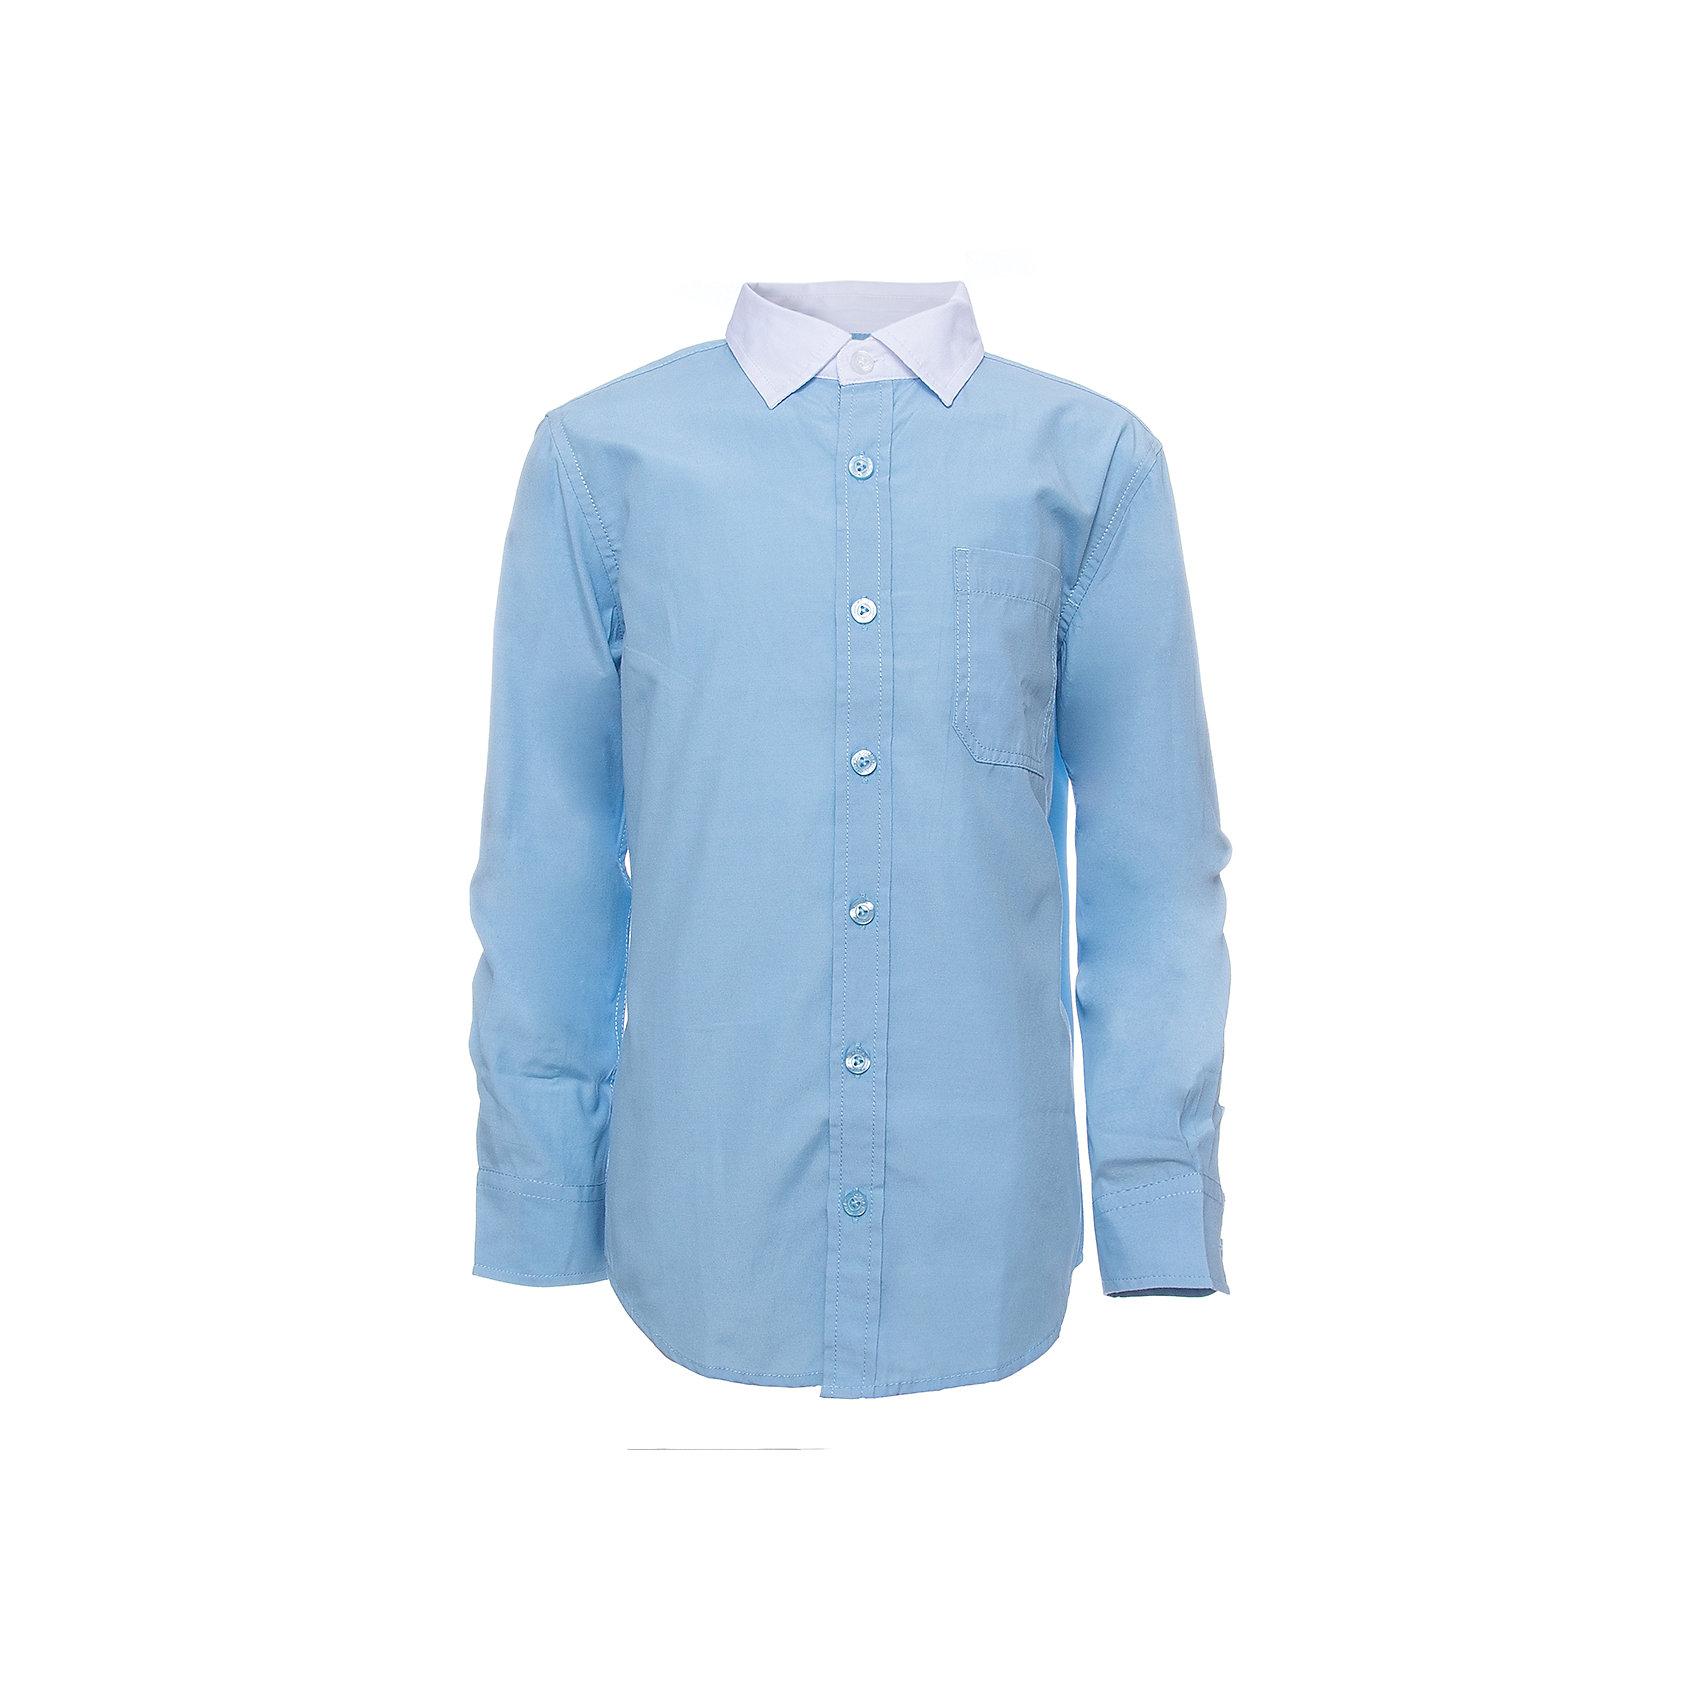 Рубашка SELA для мальчикаБлузки и рубашки<br>Характеристики товара:<br><br>• цвет: голубой<br>• состав ткани: 60% хлопок, 40% полиэстер<br>• сезон: демисезон<br>• особенности модели: школьная<br>• застежка: пуговицы<br>• длинные рукава<br>• страна бренда: Россия<br>• страна производства: Индия<br><br>Голубая рубашка для мальчика - базовая вещь для гардероба. Эта рубашка для ребенка сшита из дышащего хлопкового материала. Модели от Sela стильные и удобные, как и эта детская рубашка с длинным рукавом. Рубашка для мальчика отличается доступной ценой.<br><br>Рубашку для мальчика Sela (Села) можно купить в нашем интернет-магазине.<br><br>Ширина мм: 174<br>Глубина мм: 10<br>Высота мм: 169<br>Вес г: 157<br>Цвет: голубой<br>Возраст от месяцев: 168<br>Возраст до месяцев: 180<br>Пол: Мужской<br>Возраст: Детский<br>Размер: 170,122,128,134,140,146,152,158,164<br>SKU: 7032323